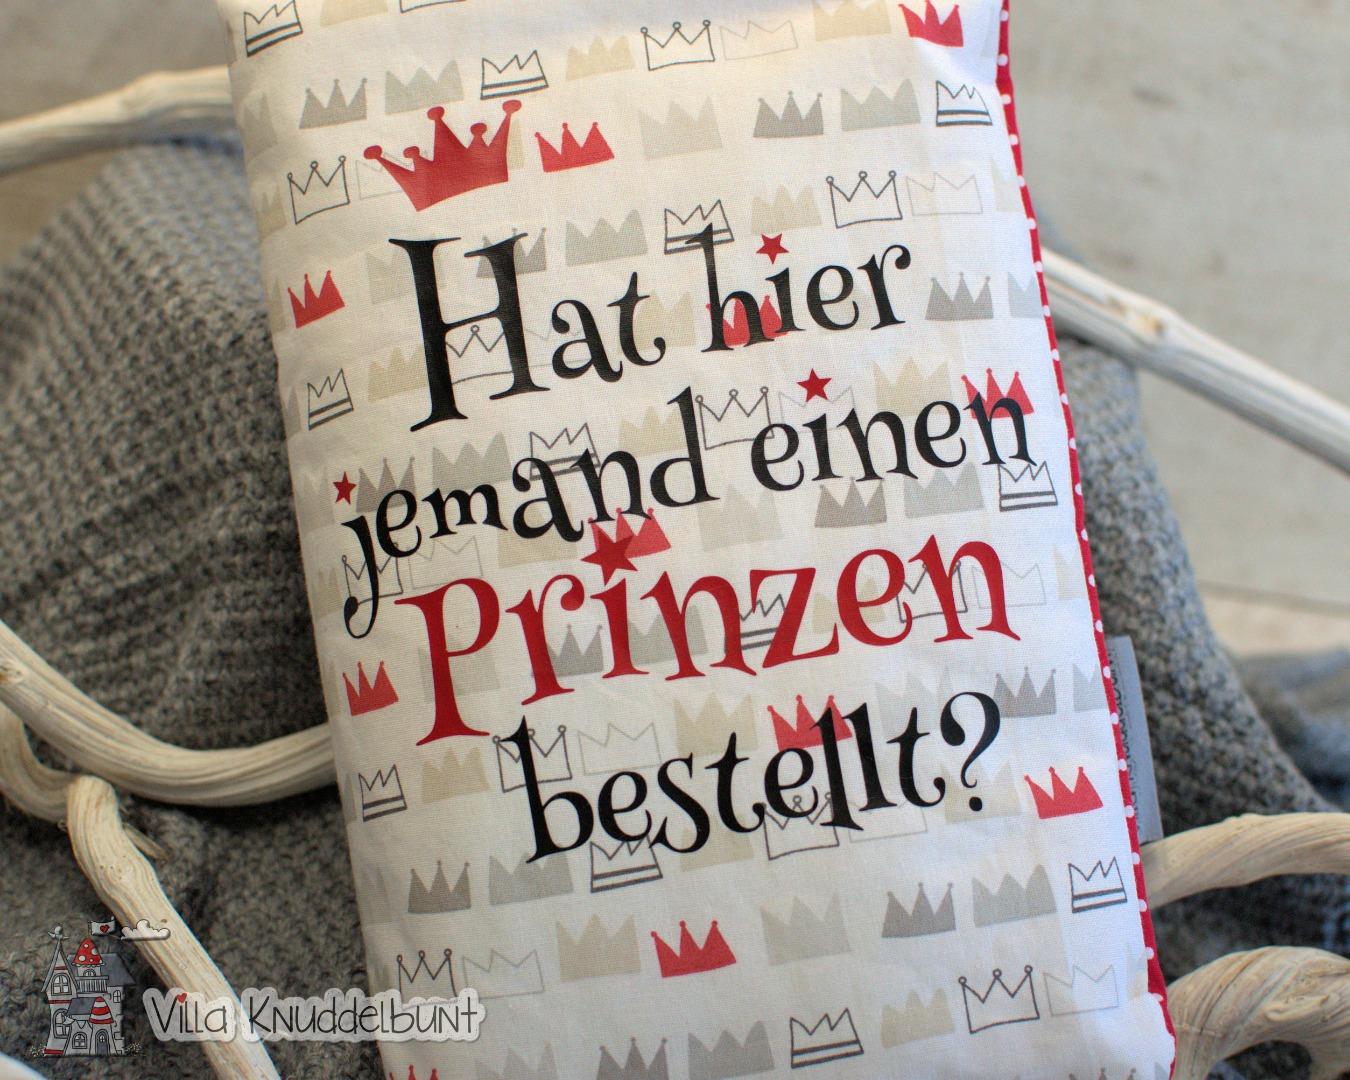 Sofortkauf Handmade Windeltasche kleiner Prinz